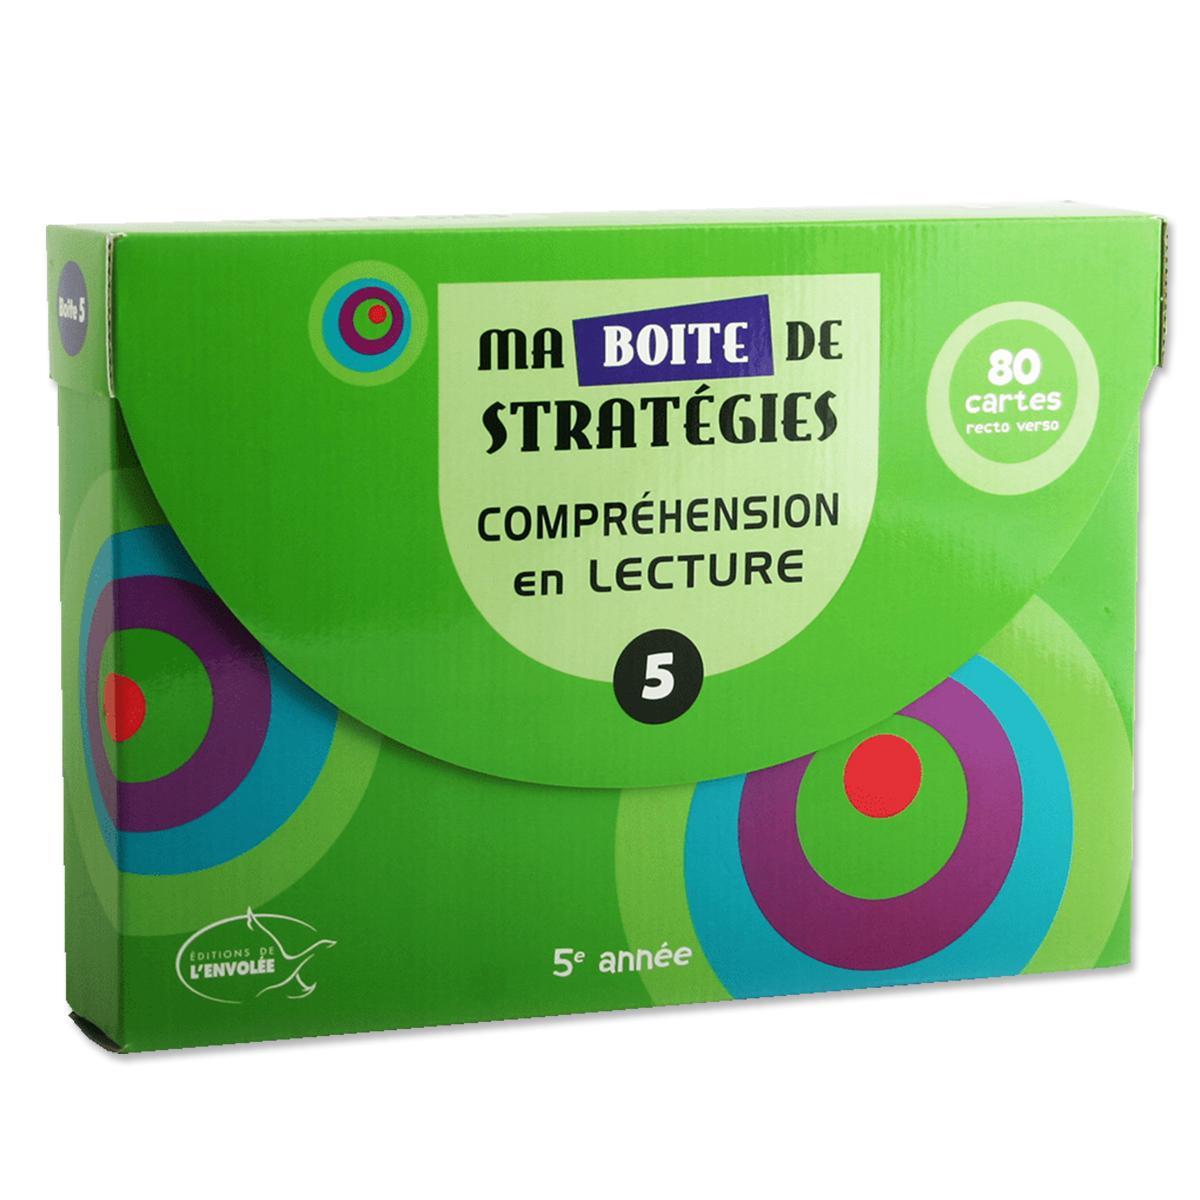 Ma boîte de stratégies : Compréhension en lecture 5